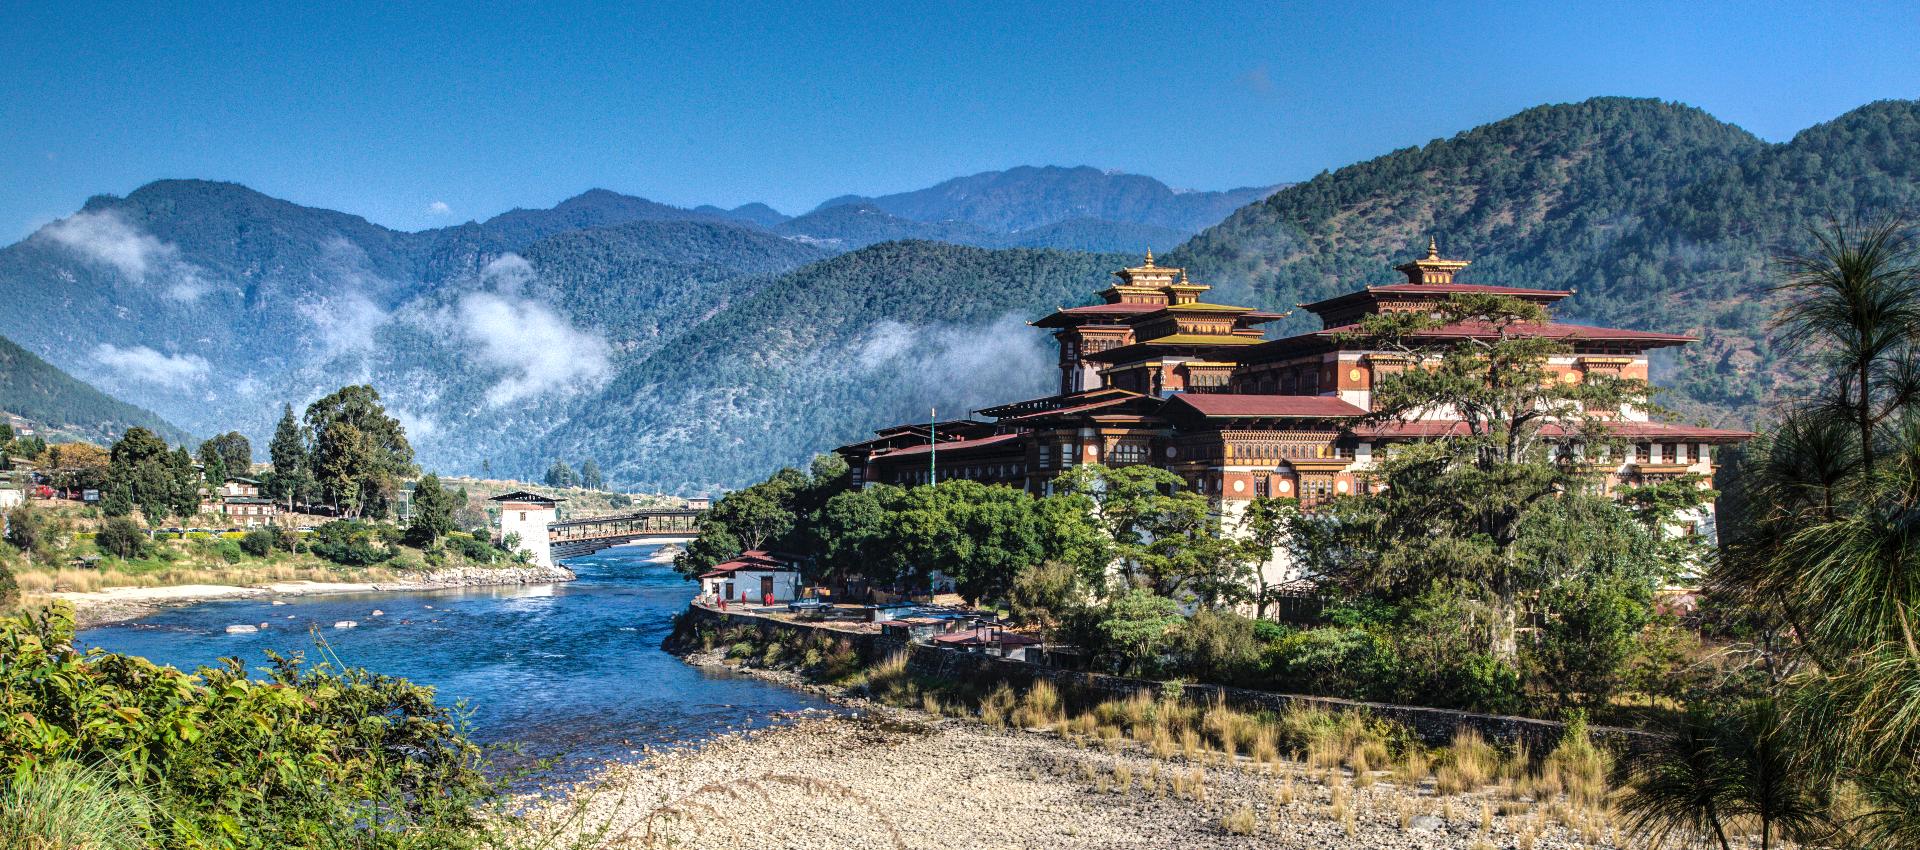 Punakha Monastery in Bhutan